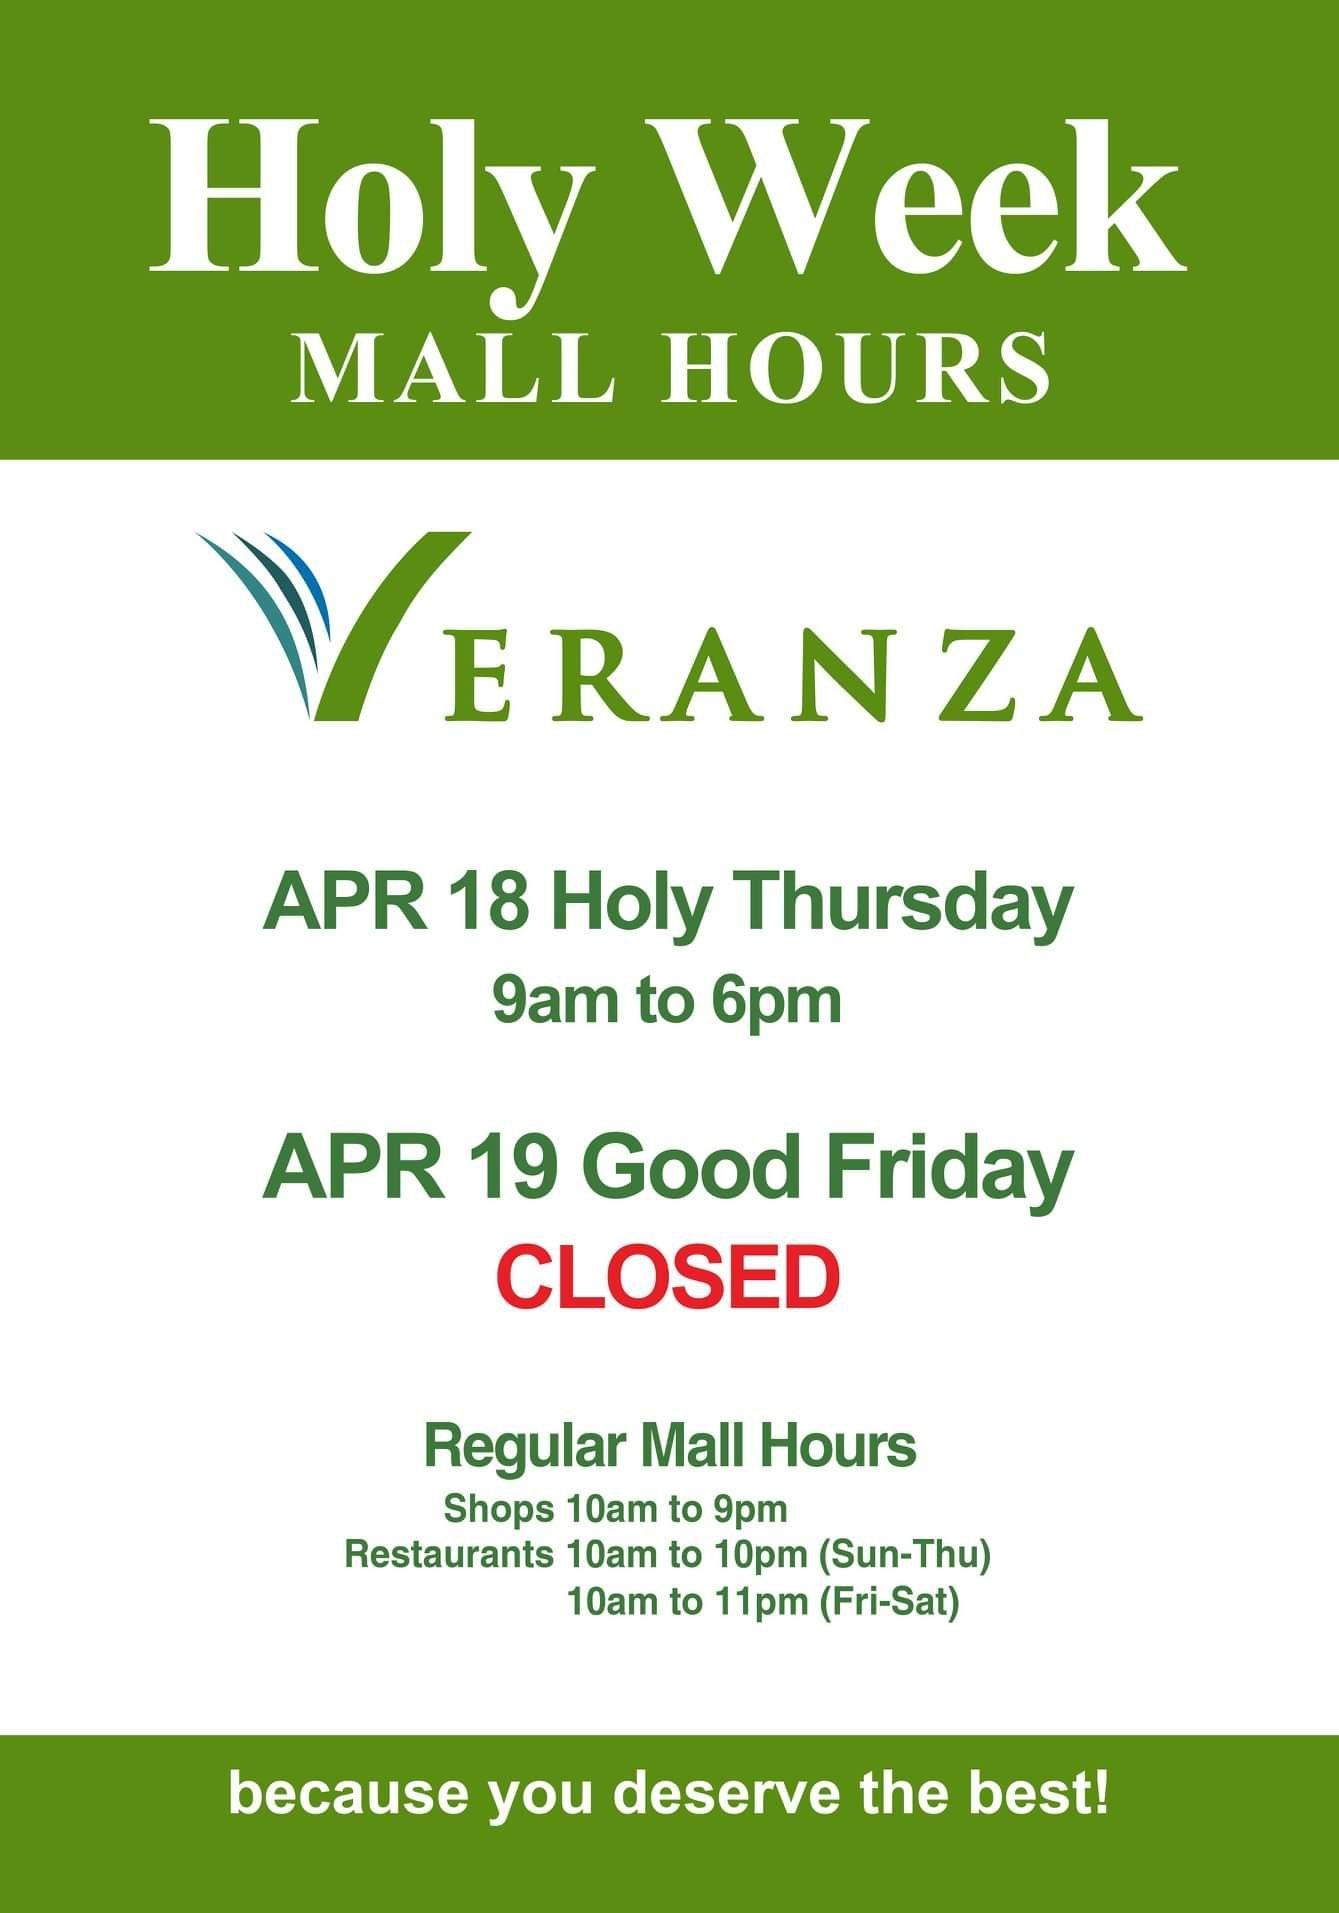 Veranza Mall's Holy Week 2019 Schedule